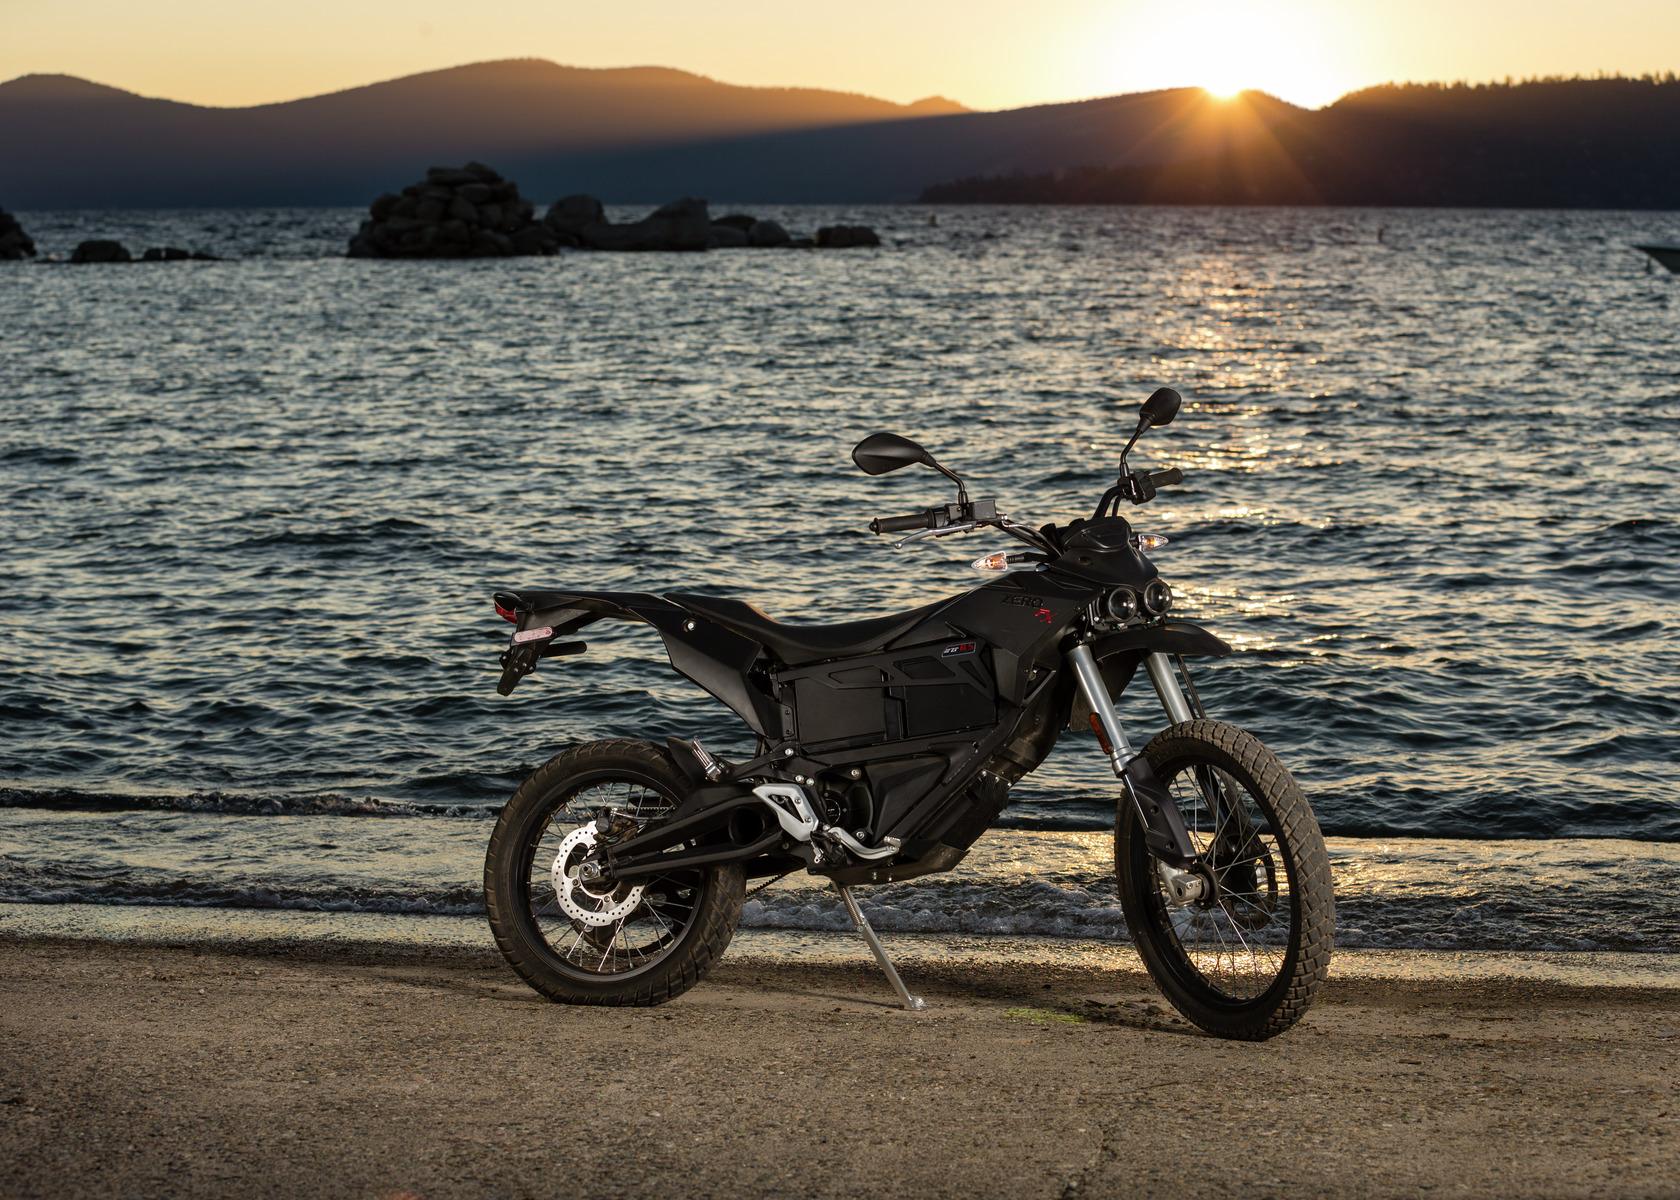 2016 Zero FX Electric Motorcycle: